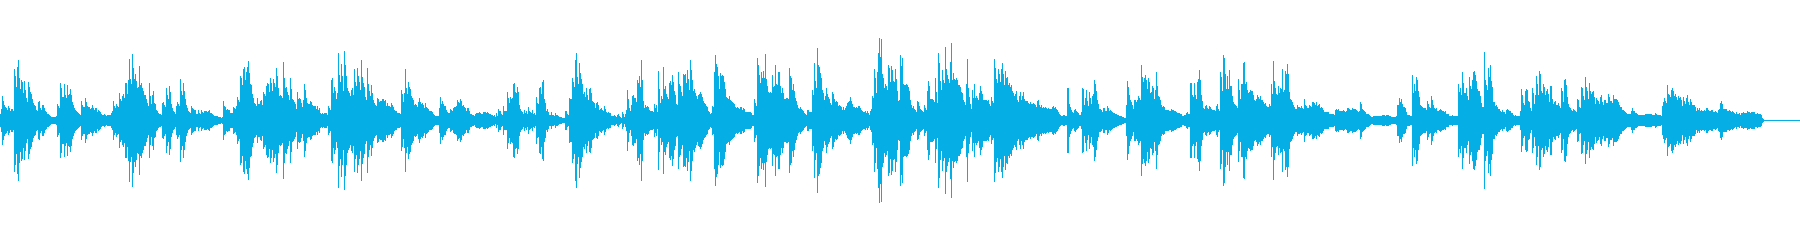 切ないピアノバラード(和風テイスト)の再生済みの波形